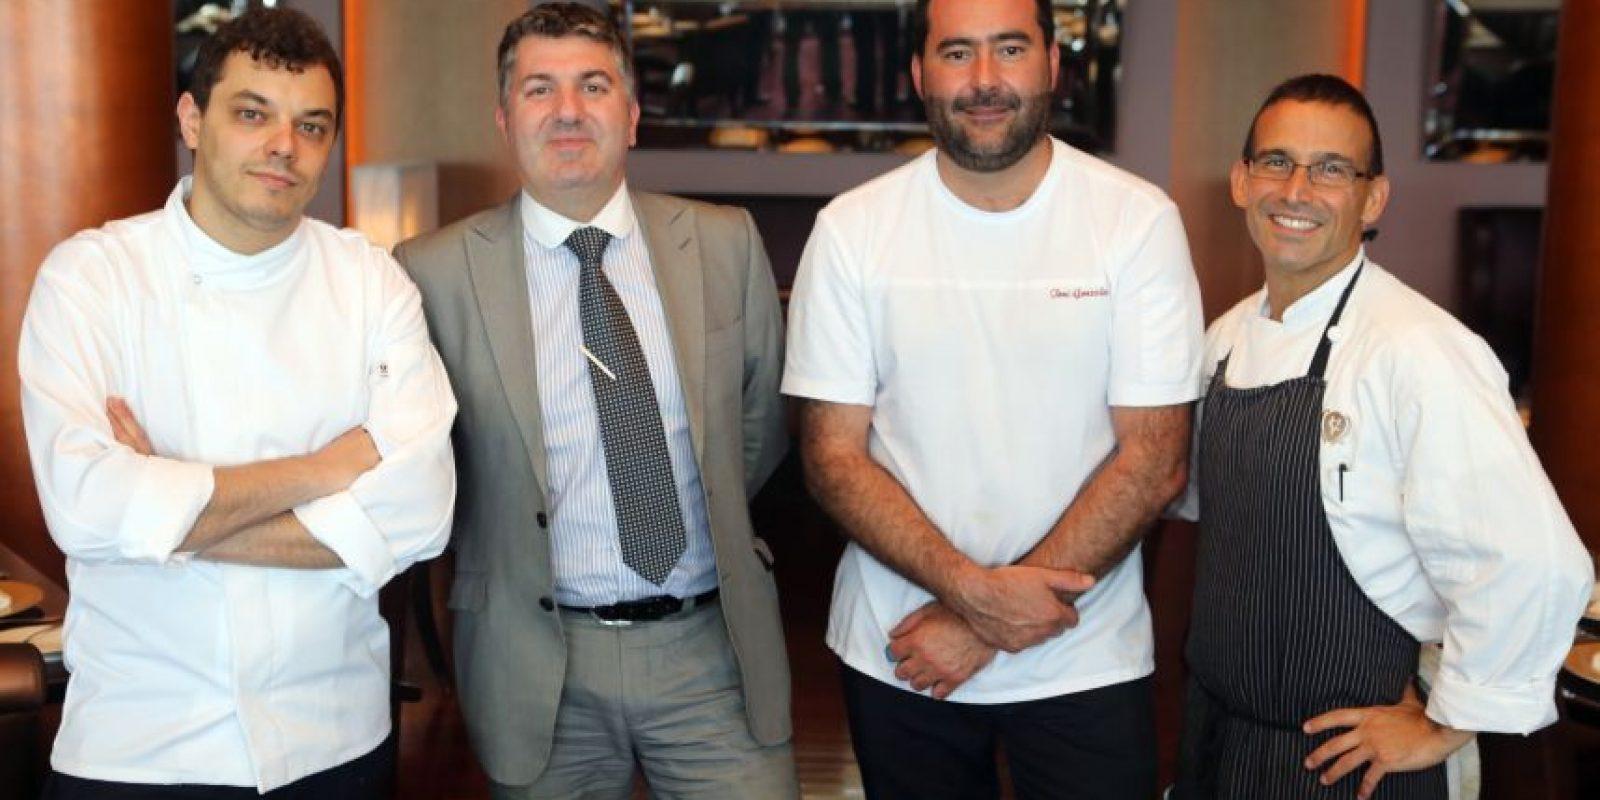 Roberto Terradillos, Rafael Prieto y José Antonio González, junto al chef anfitrión, Juan José Cuevas. Foto:Suministrada. Imagen Por: